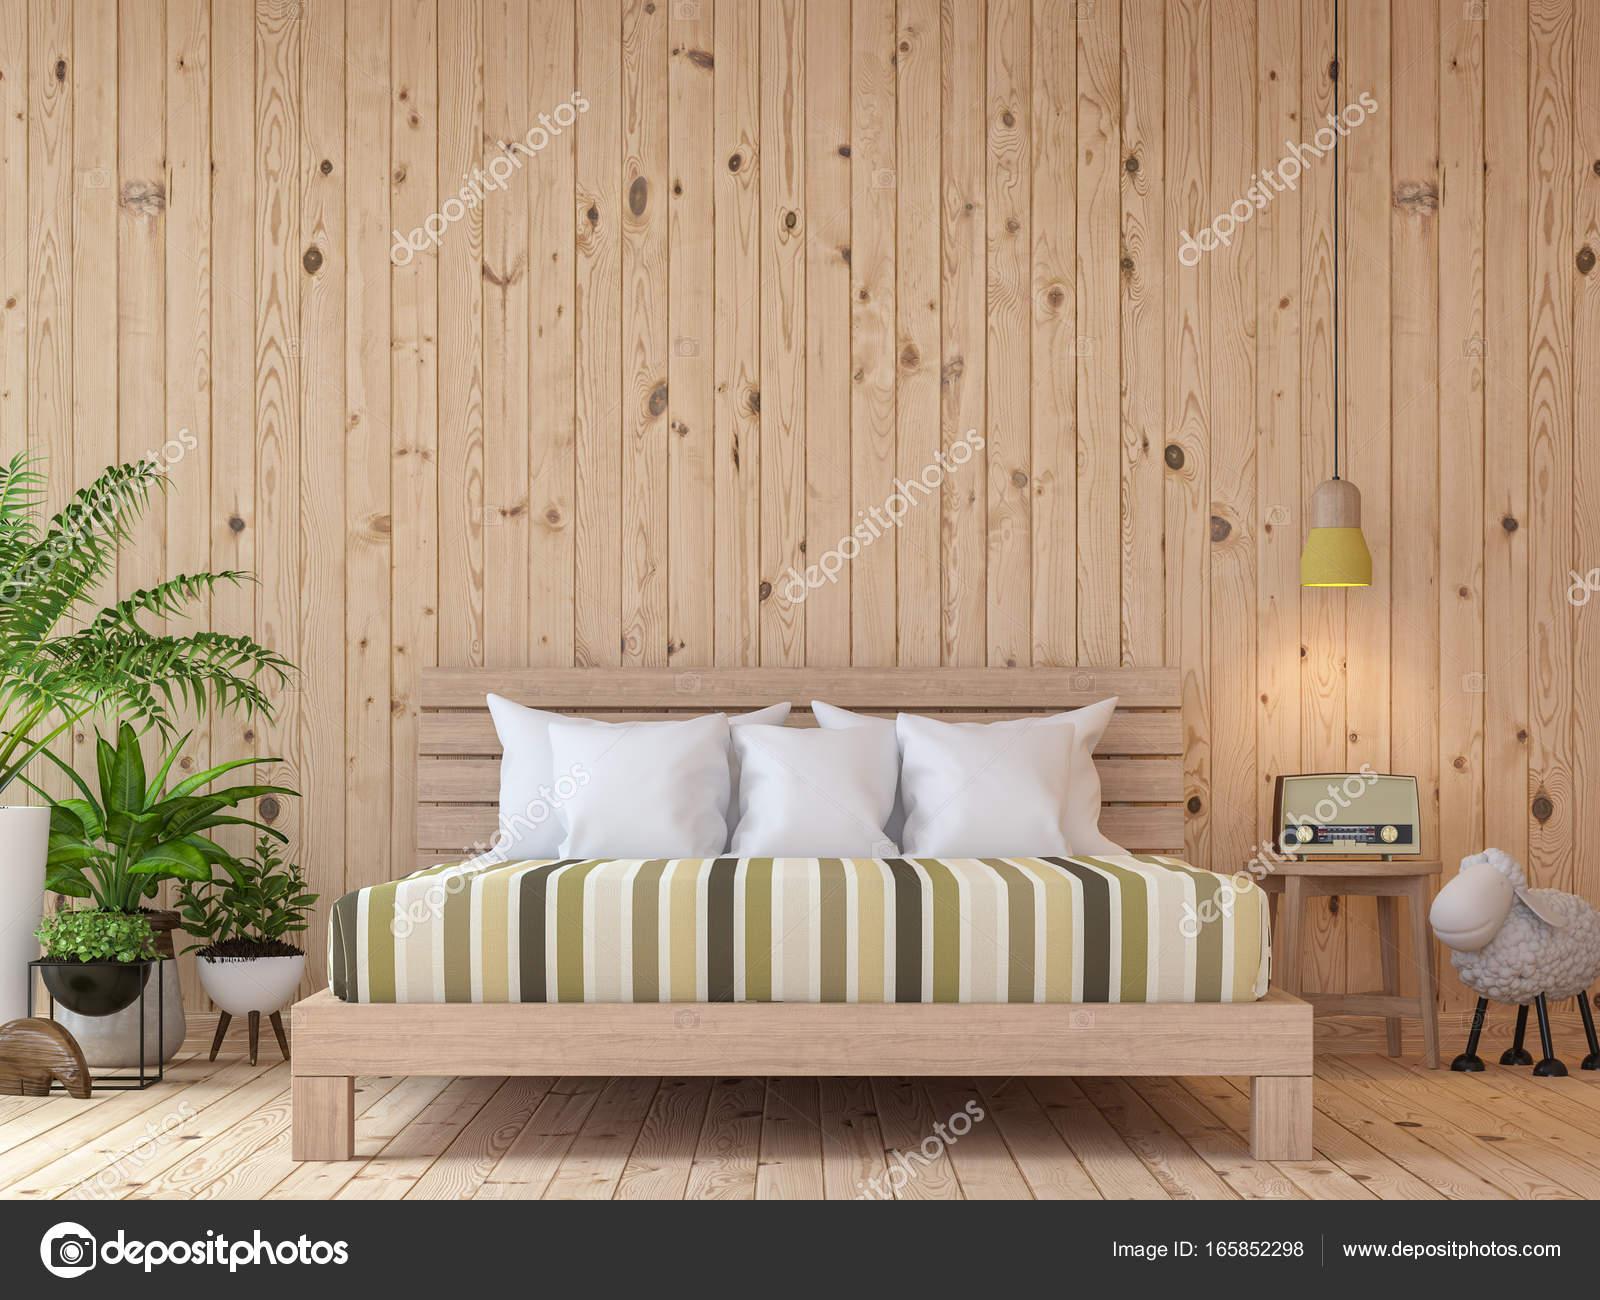 Camere Da Letto Arredate Vintage : Rendering d di interni camera da letto d epoca moderna immagine